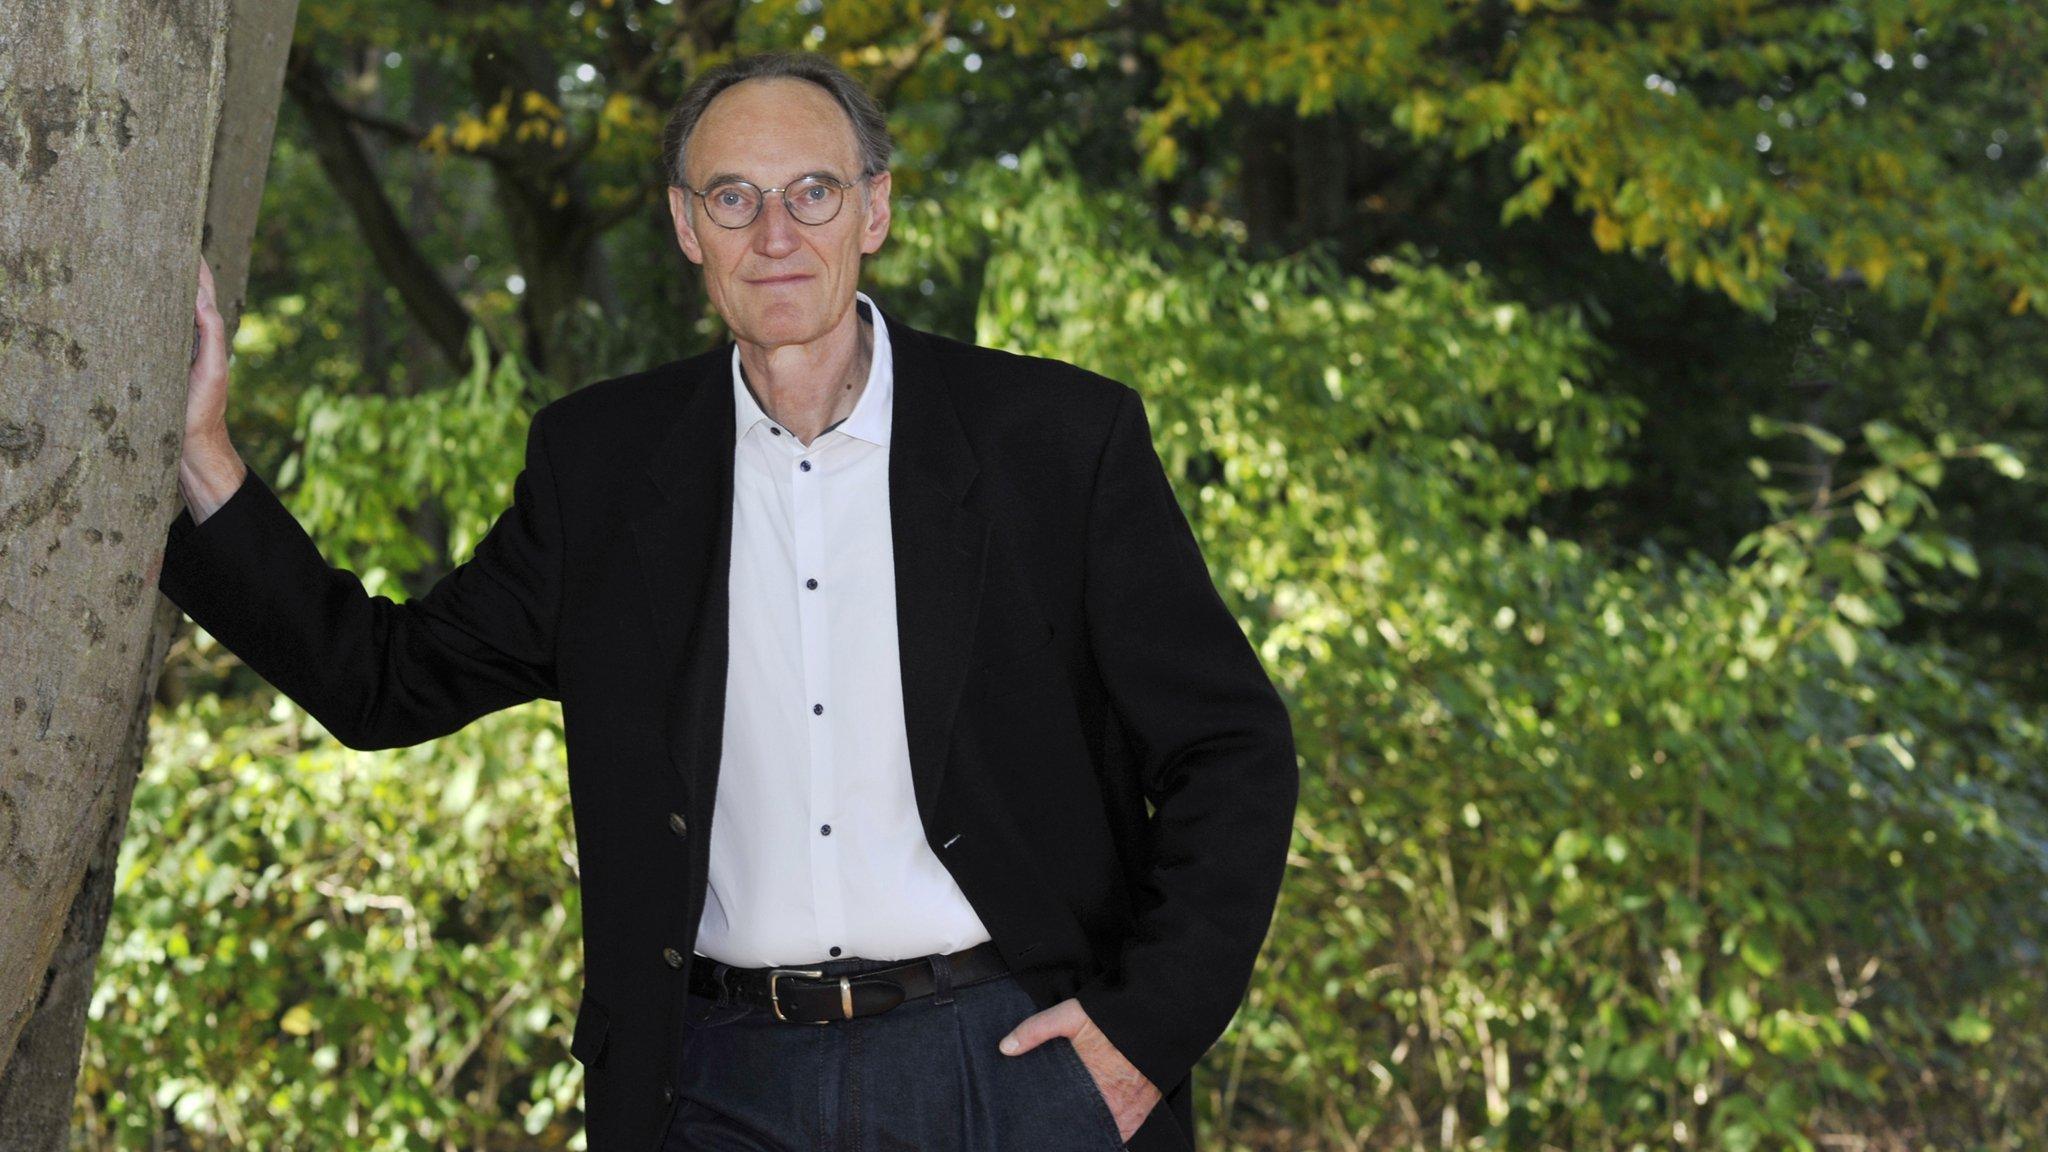 Bild von Dr. Henning Engeln im Format 16zu 9. Die Aufnahme zeigt ihn im Freien in einer parkähnlichen Landschaft stehend, die rechte Hand an einen mächtigen Baum gelehnt. Der Wissenschaftsjournalist, Biologe und Buchautor war viele Jahre lang Redakteur bei GEO und ist jetzt Mitglied der Riffreporter eG.